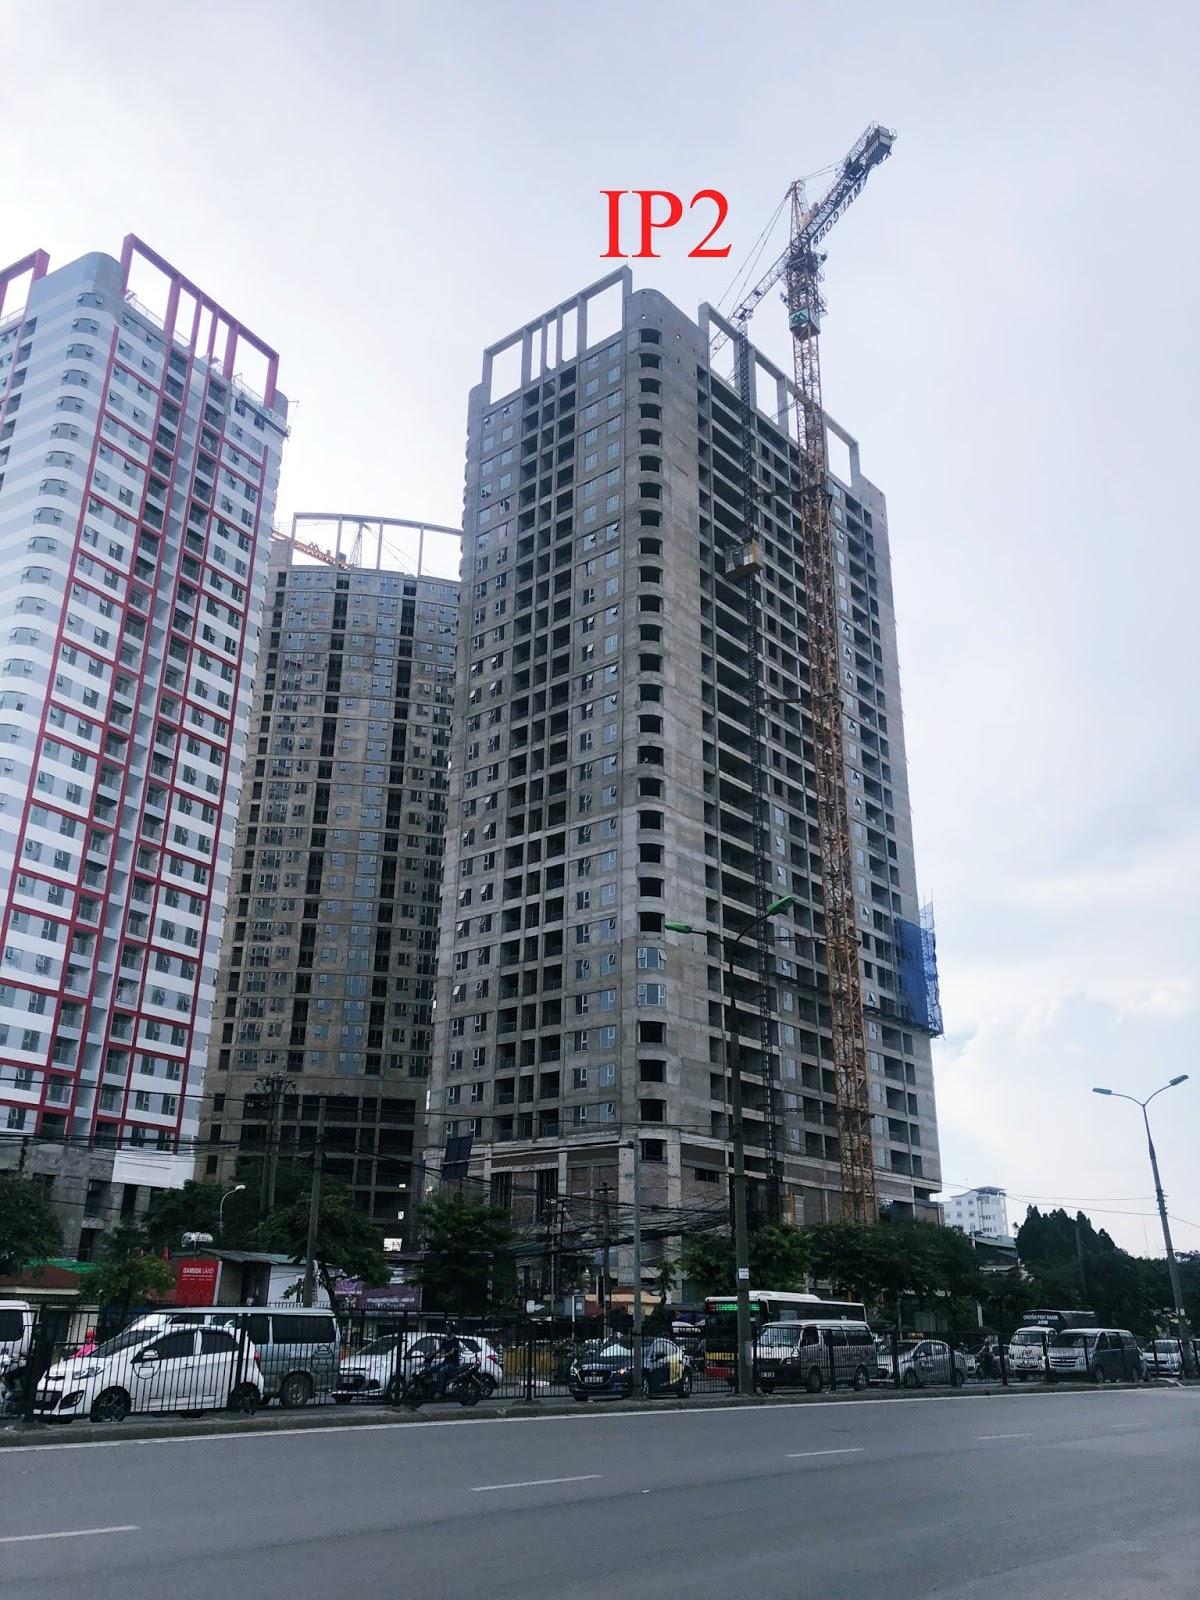 Tiến độ tháp IP2 dự án Imperial Plaza